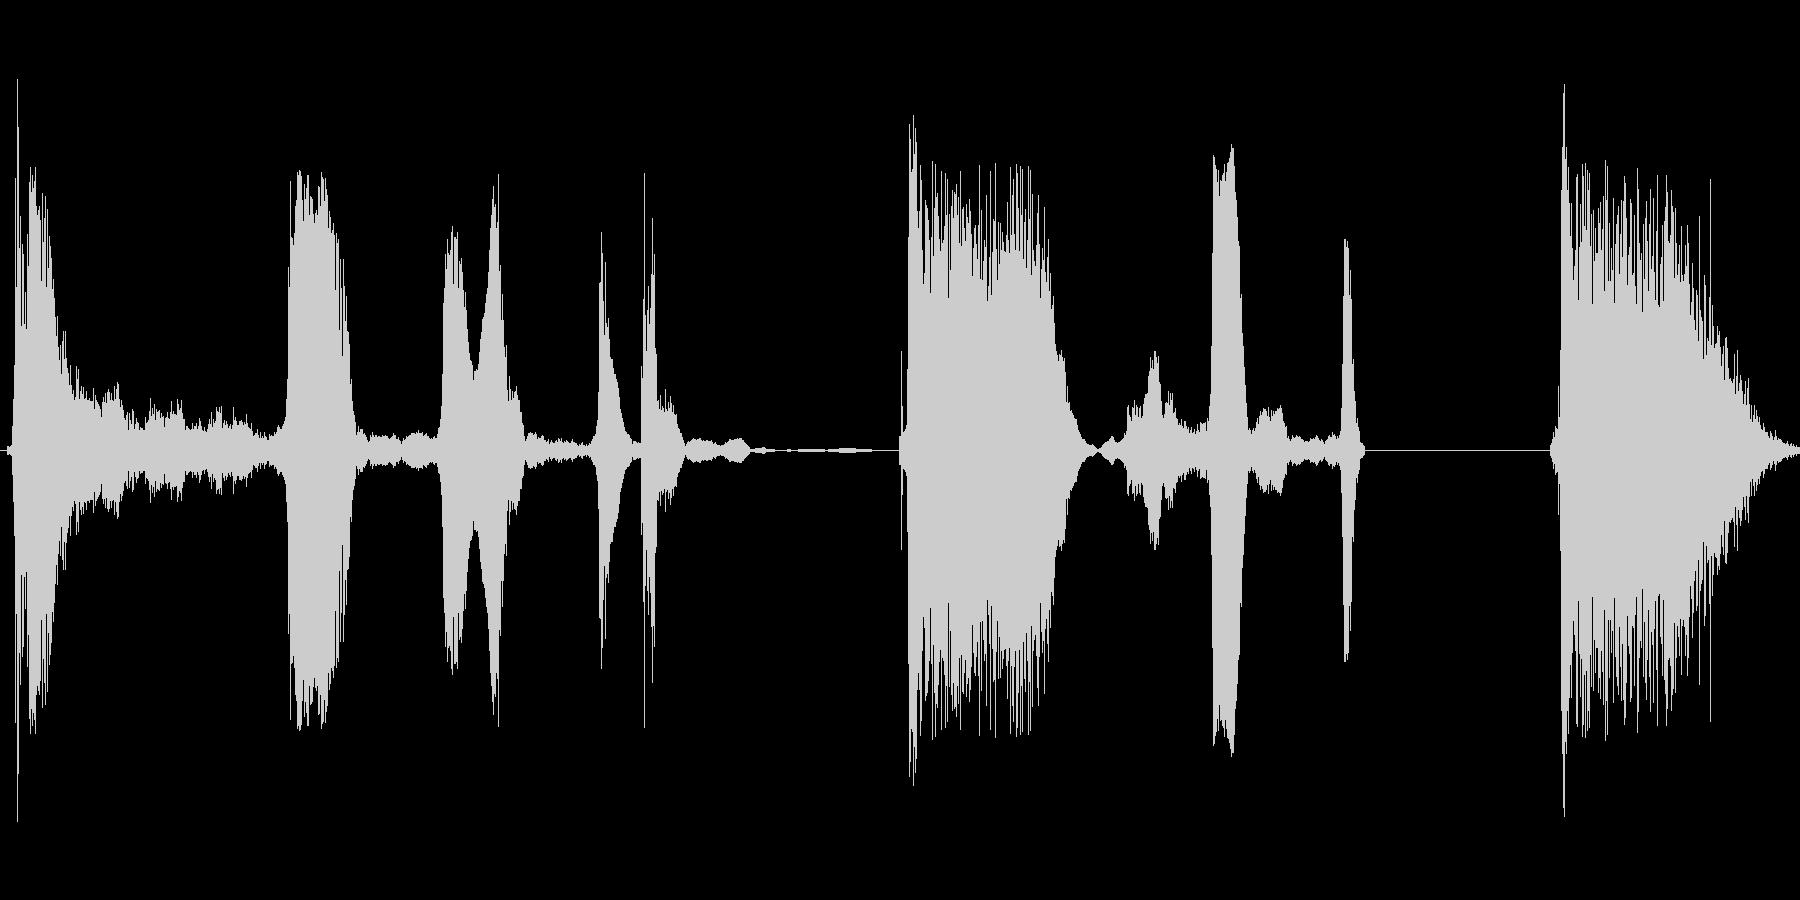 ウフフフッ ウフフフッの未再生の波形